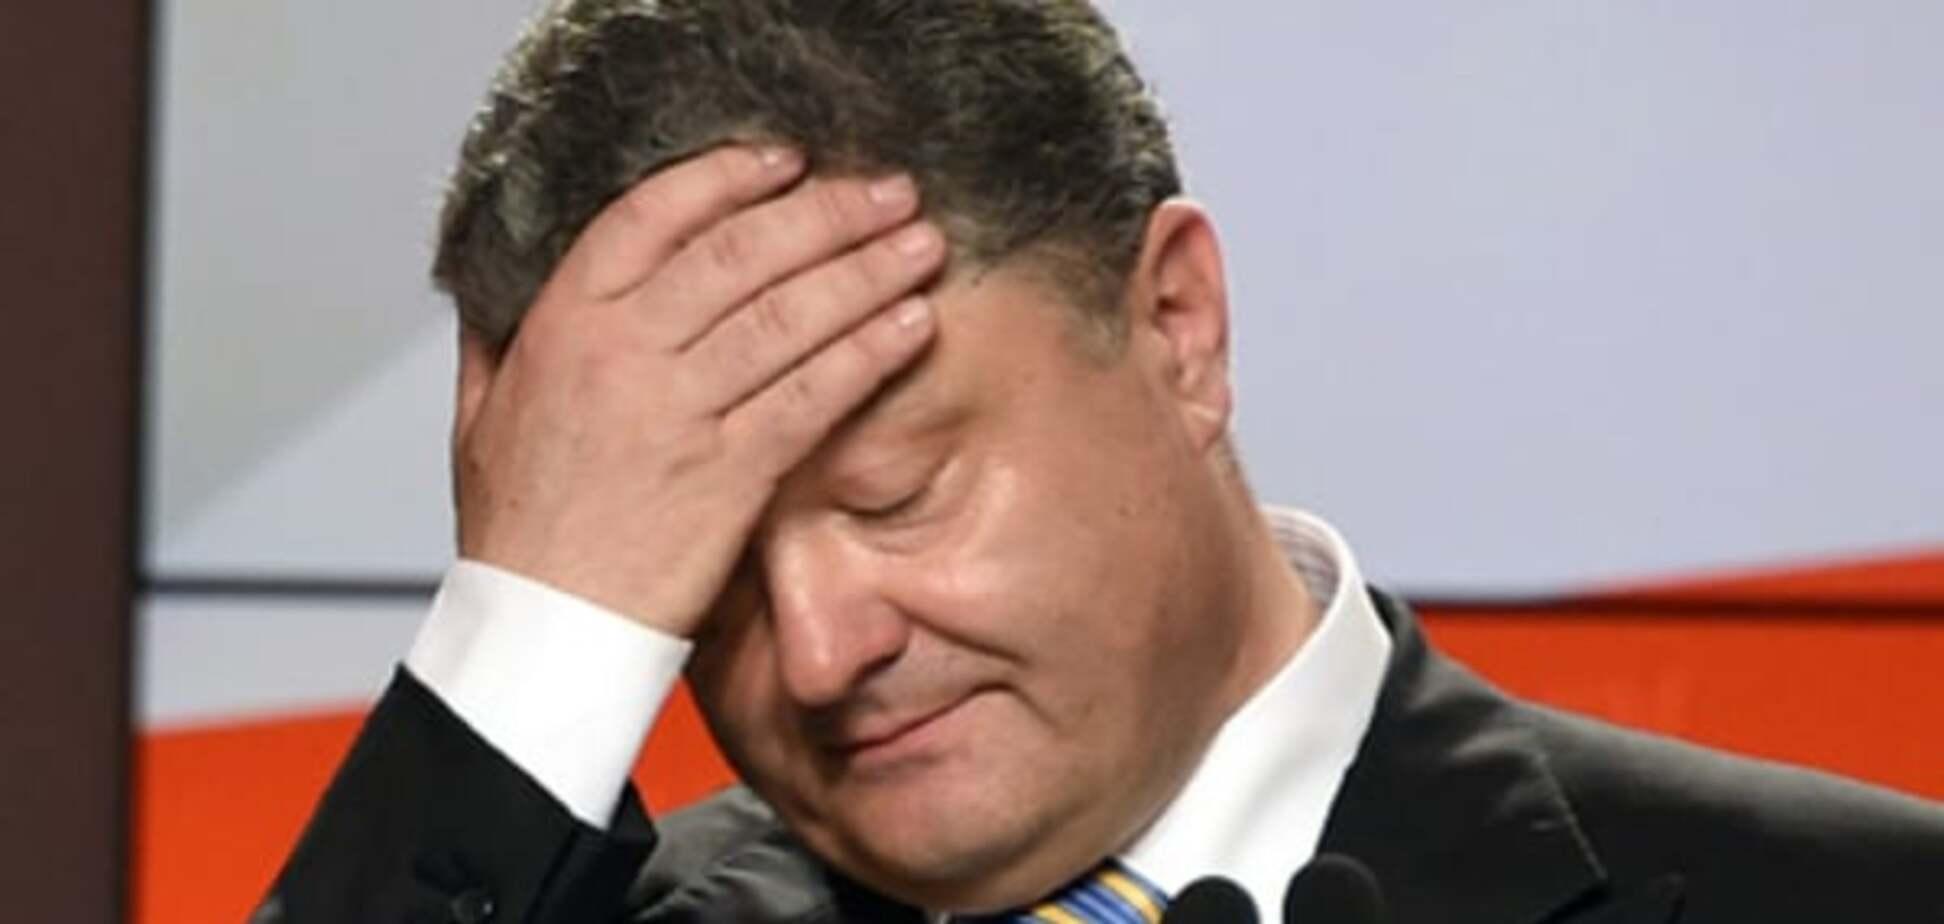 Немецкое СМИ опровергло фейковую 'новость' россиян о 'пьяном' Порошенко